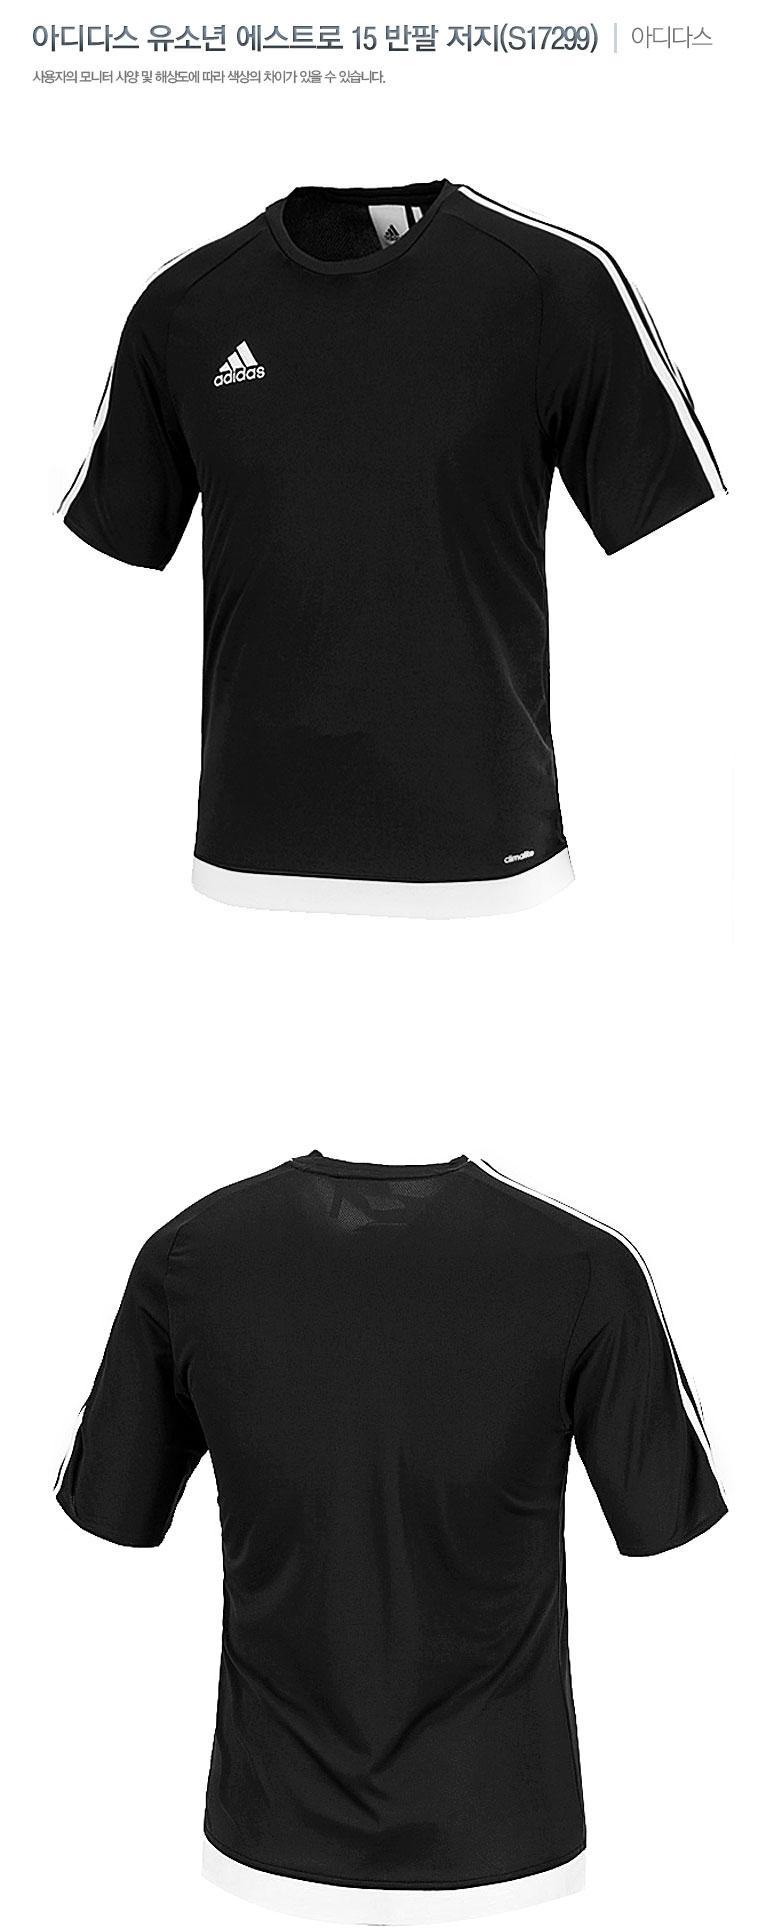 아디다스 유소년 에스트로15 반팔저지(S17299) 반팔티셔츠 운동티셔츠 체육티셔츠 체육반팔티 트레이닝티셔츠 유소년트레이닝티셔츠 유소년반팔티셔츠 유소년츄리닝티셔츠